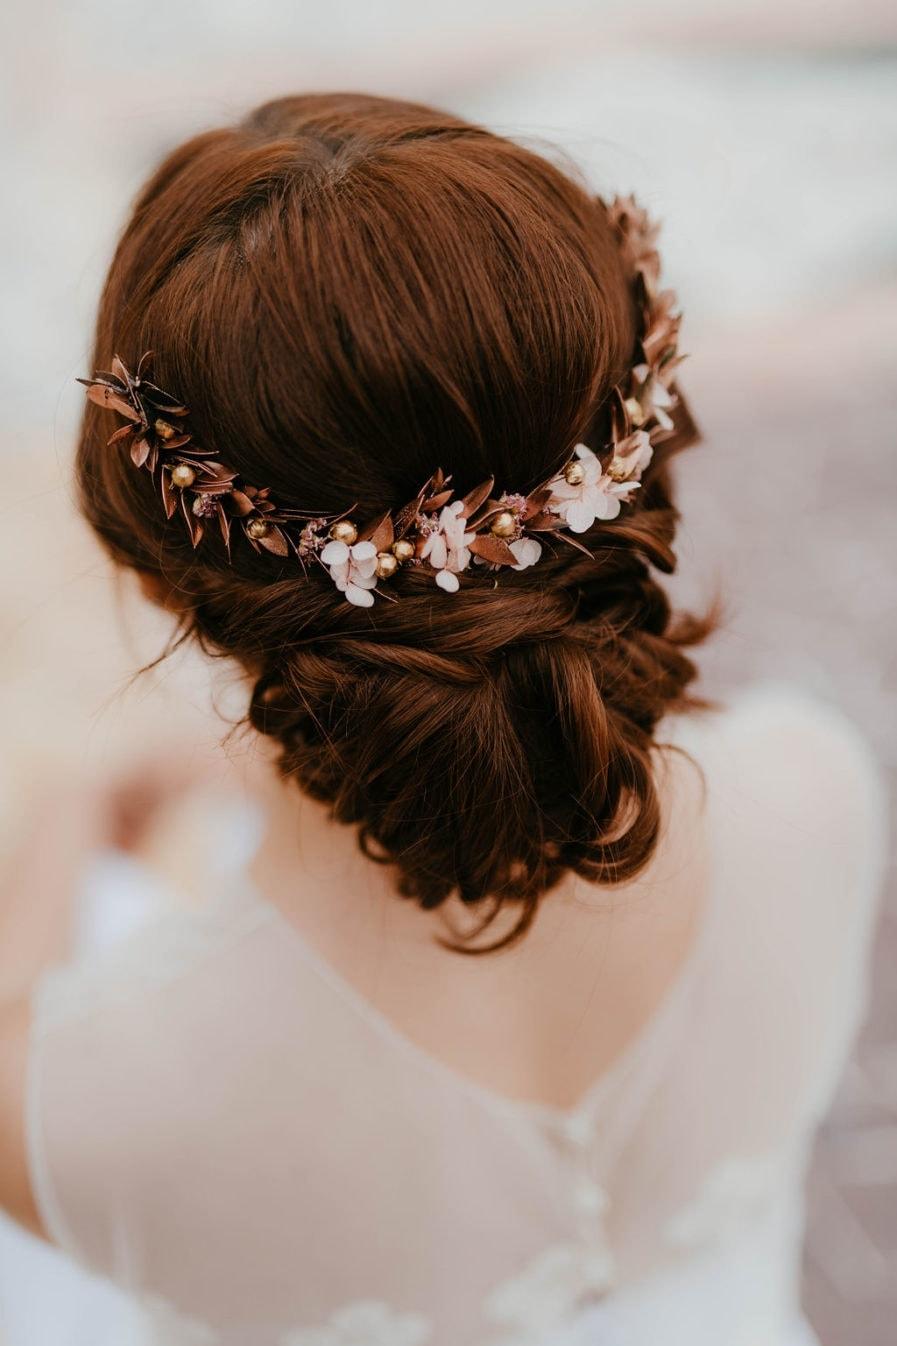 Peigne de mariée Phyra long - Les Fleurs Dupont - Anaïs Nannini - mariage 2019